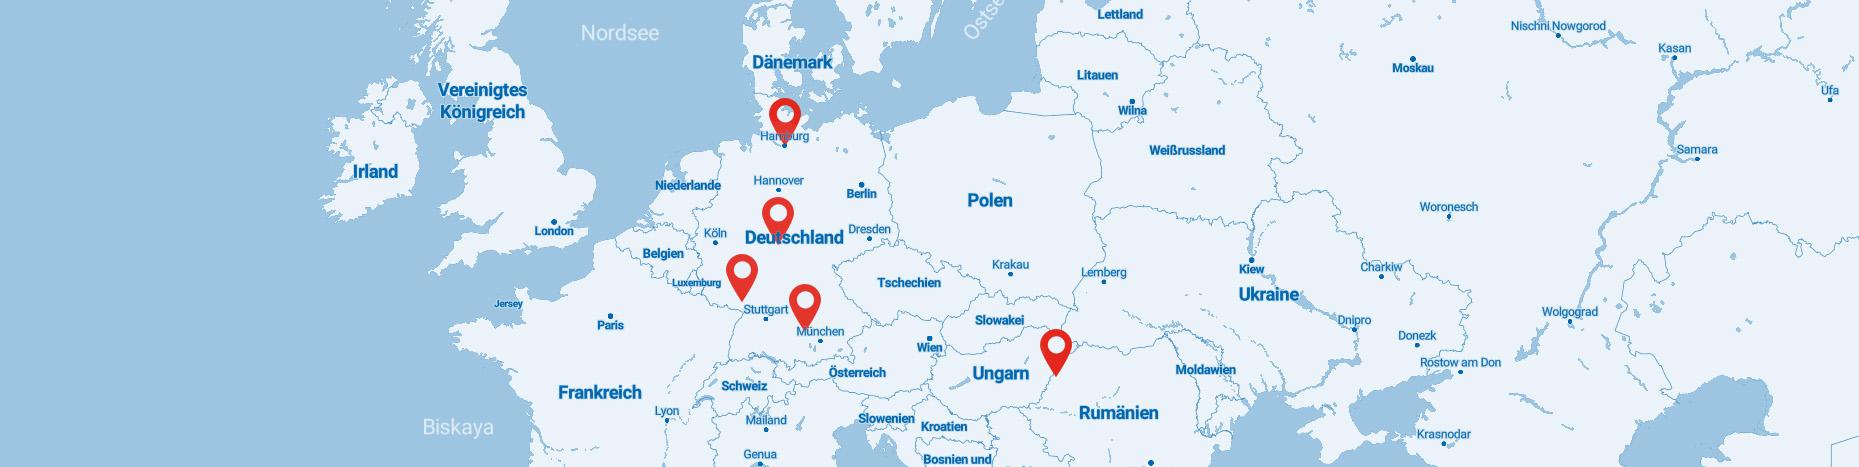 Karte mit Standorten